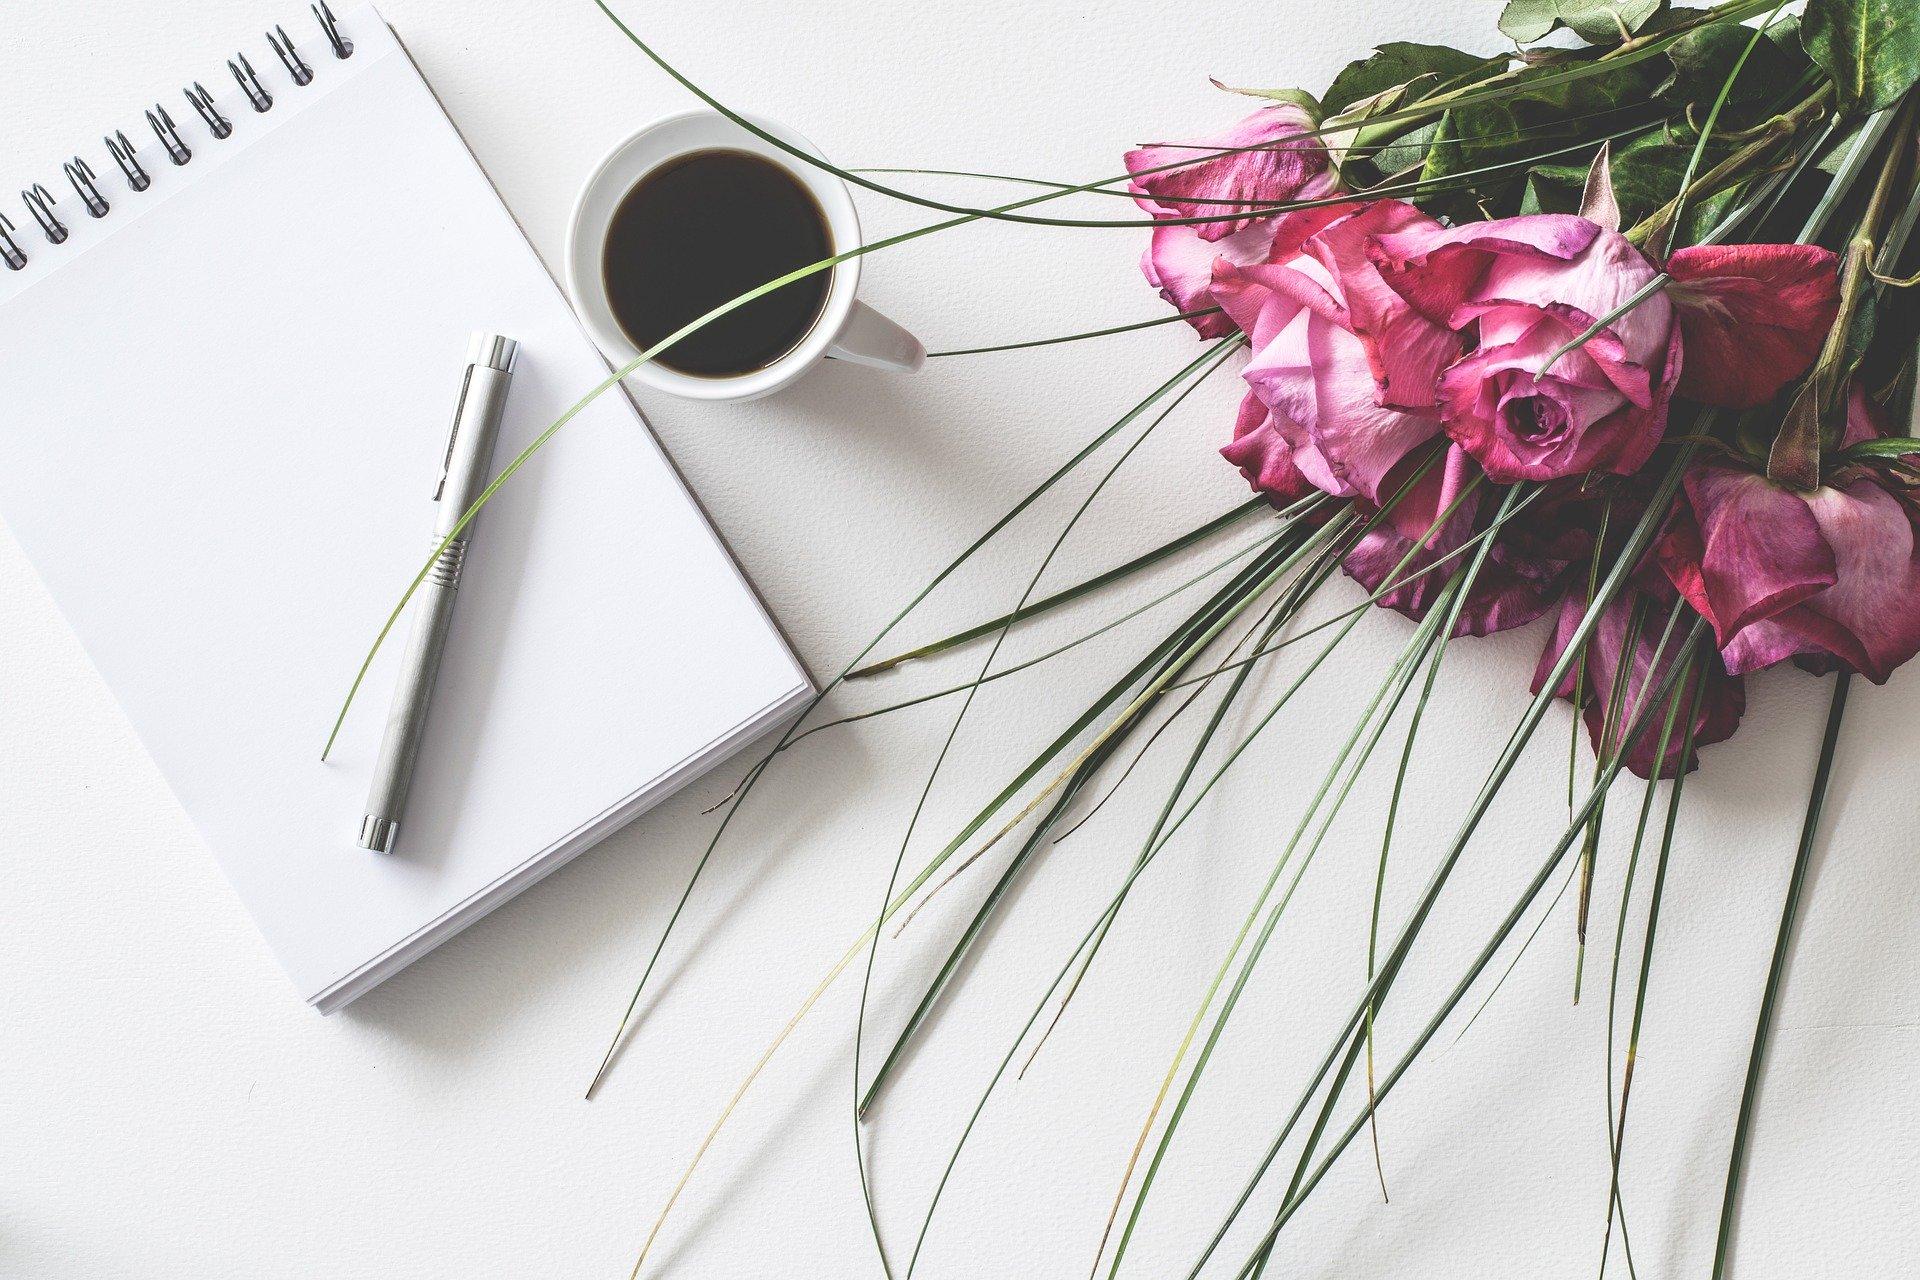 テーブルの上にノートとペン、コーヒー、バラの花束